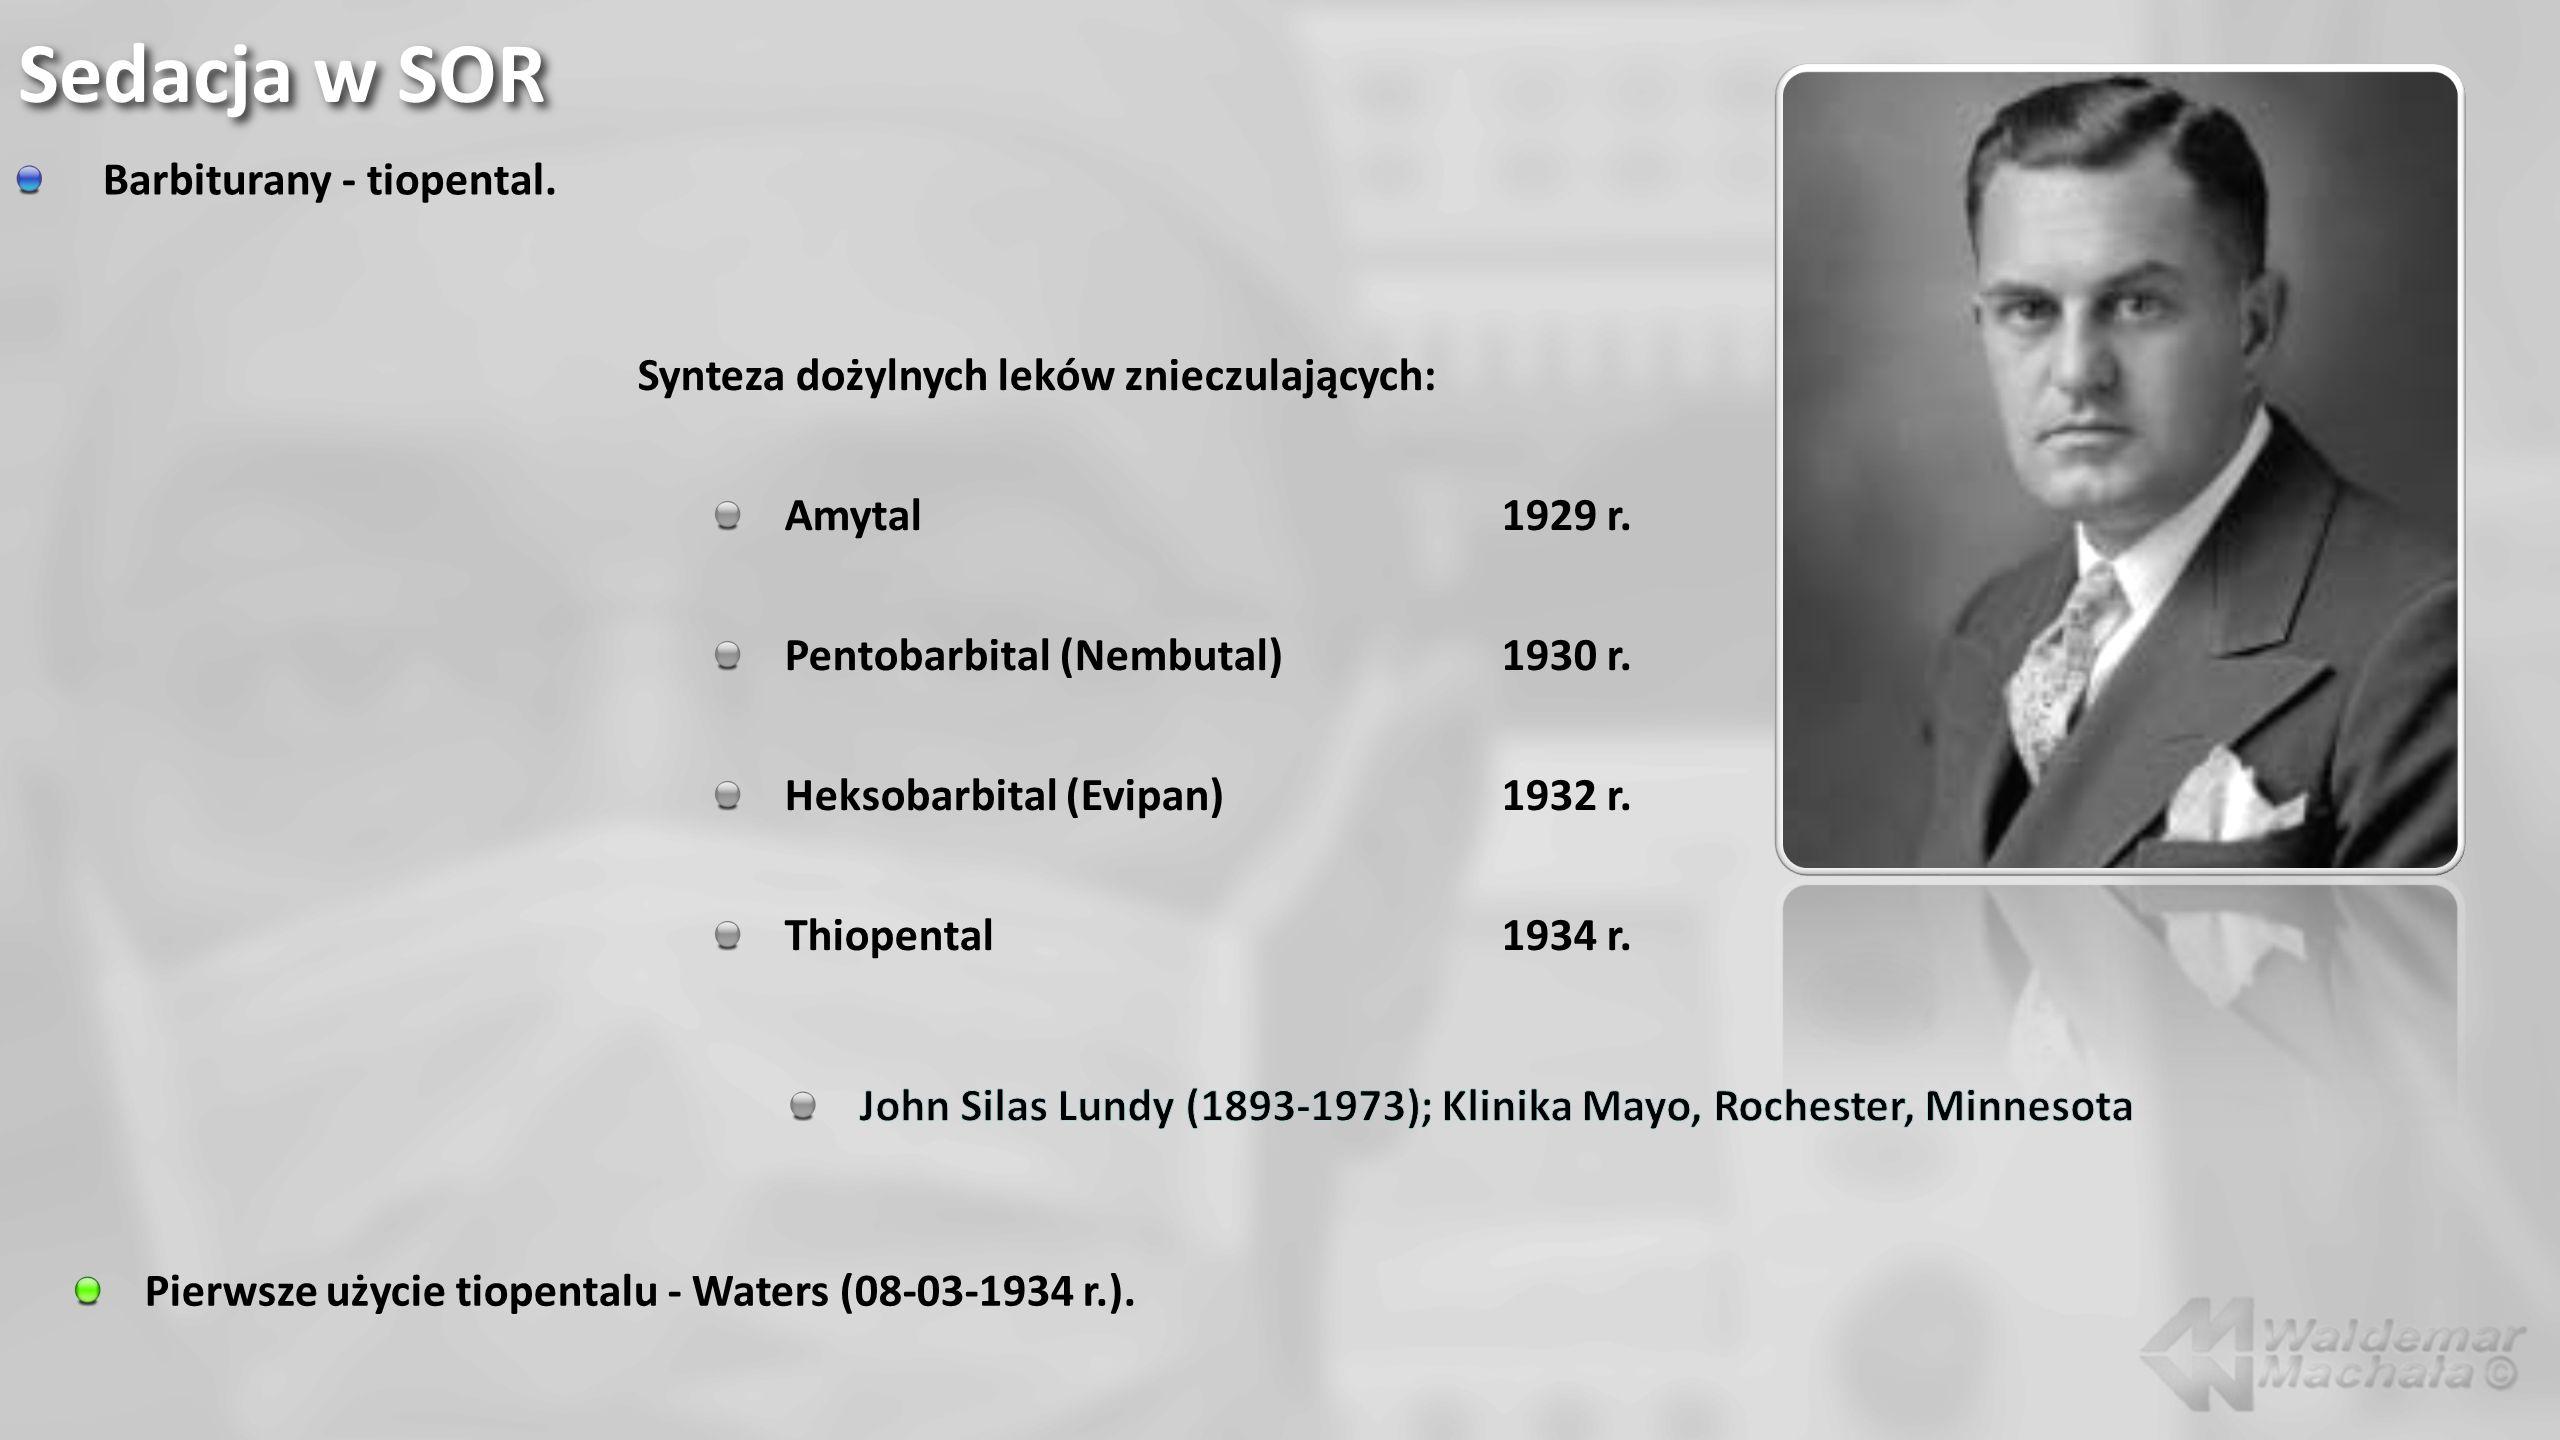 Sedacja w SOR Barbiturany - tiopental. Synteza dożylnych leków znieczulających: Amytal1929 r. Pentobarbital (Nembutal)1930 r. Heksobarbital (Evipan)19